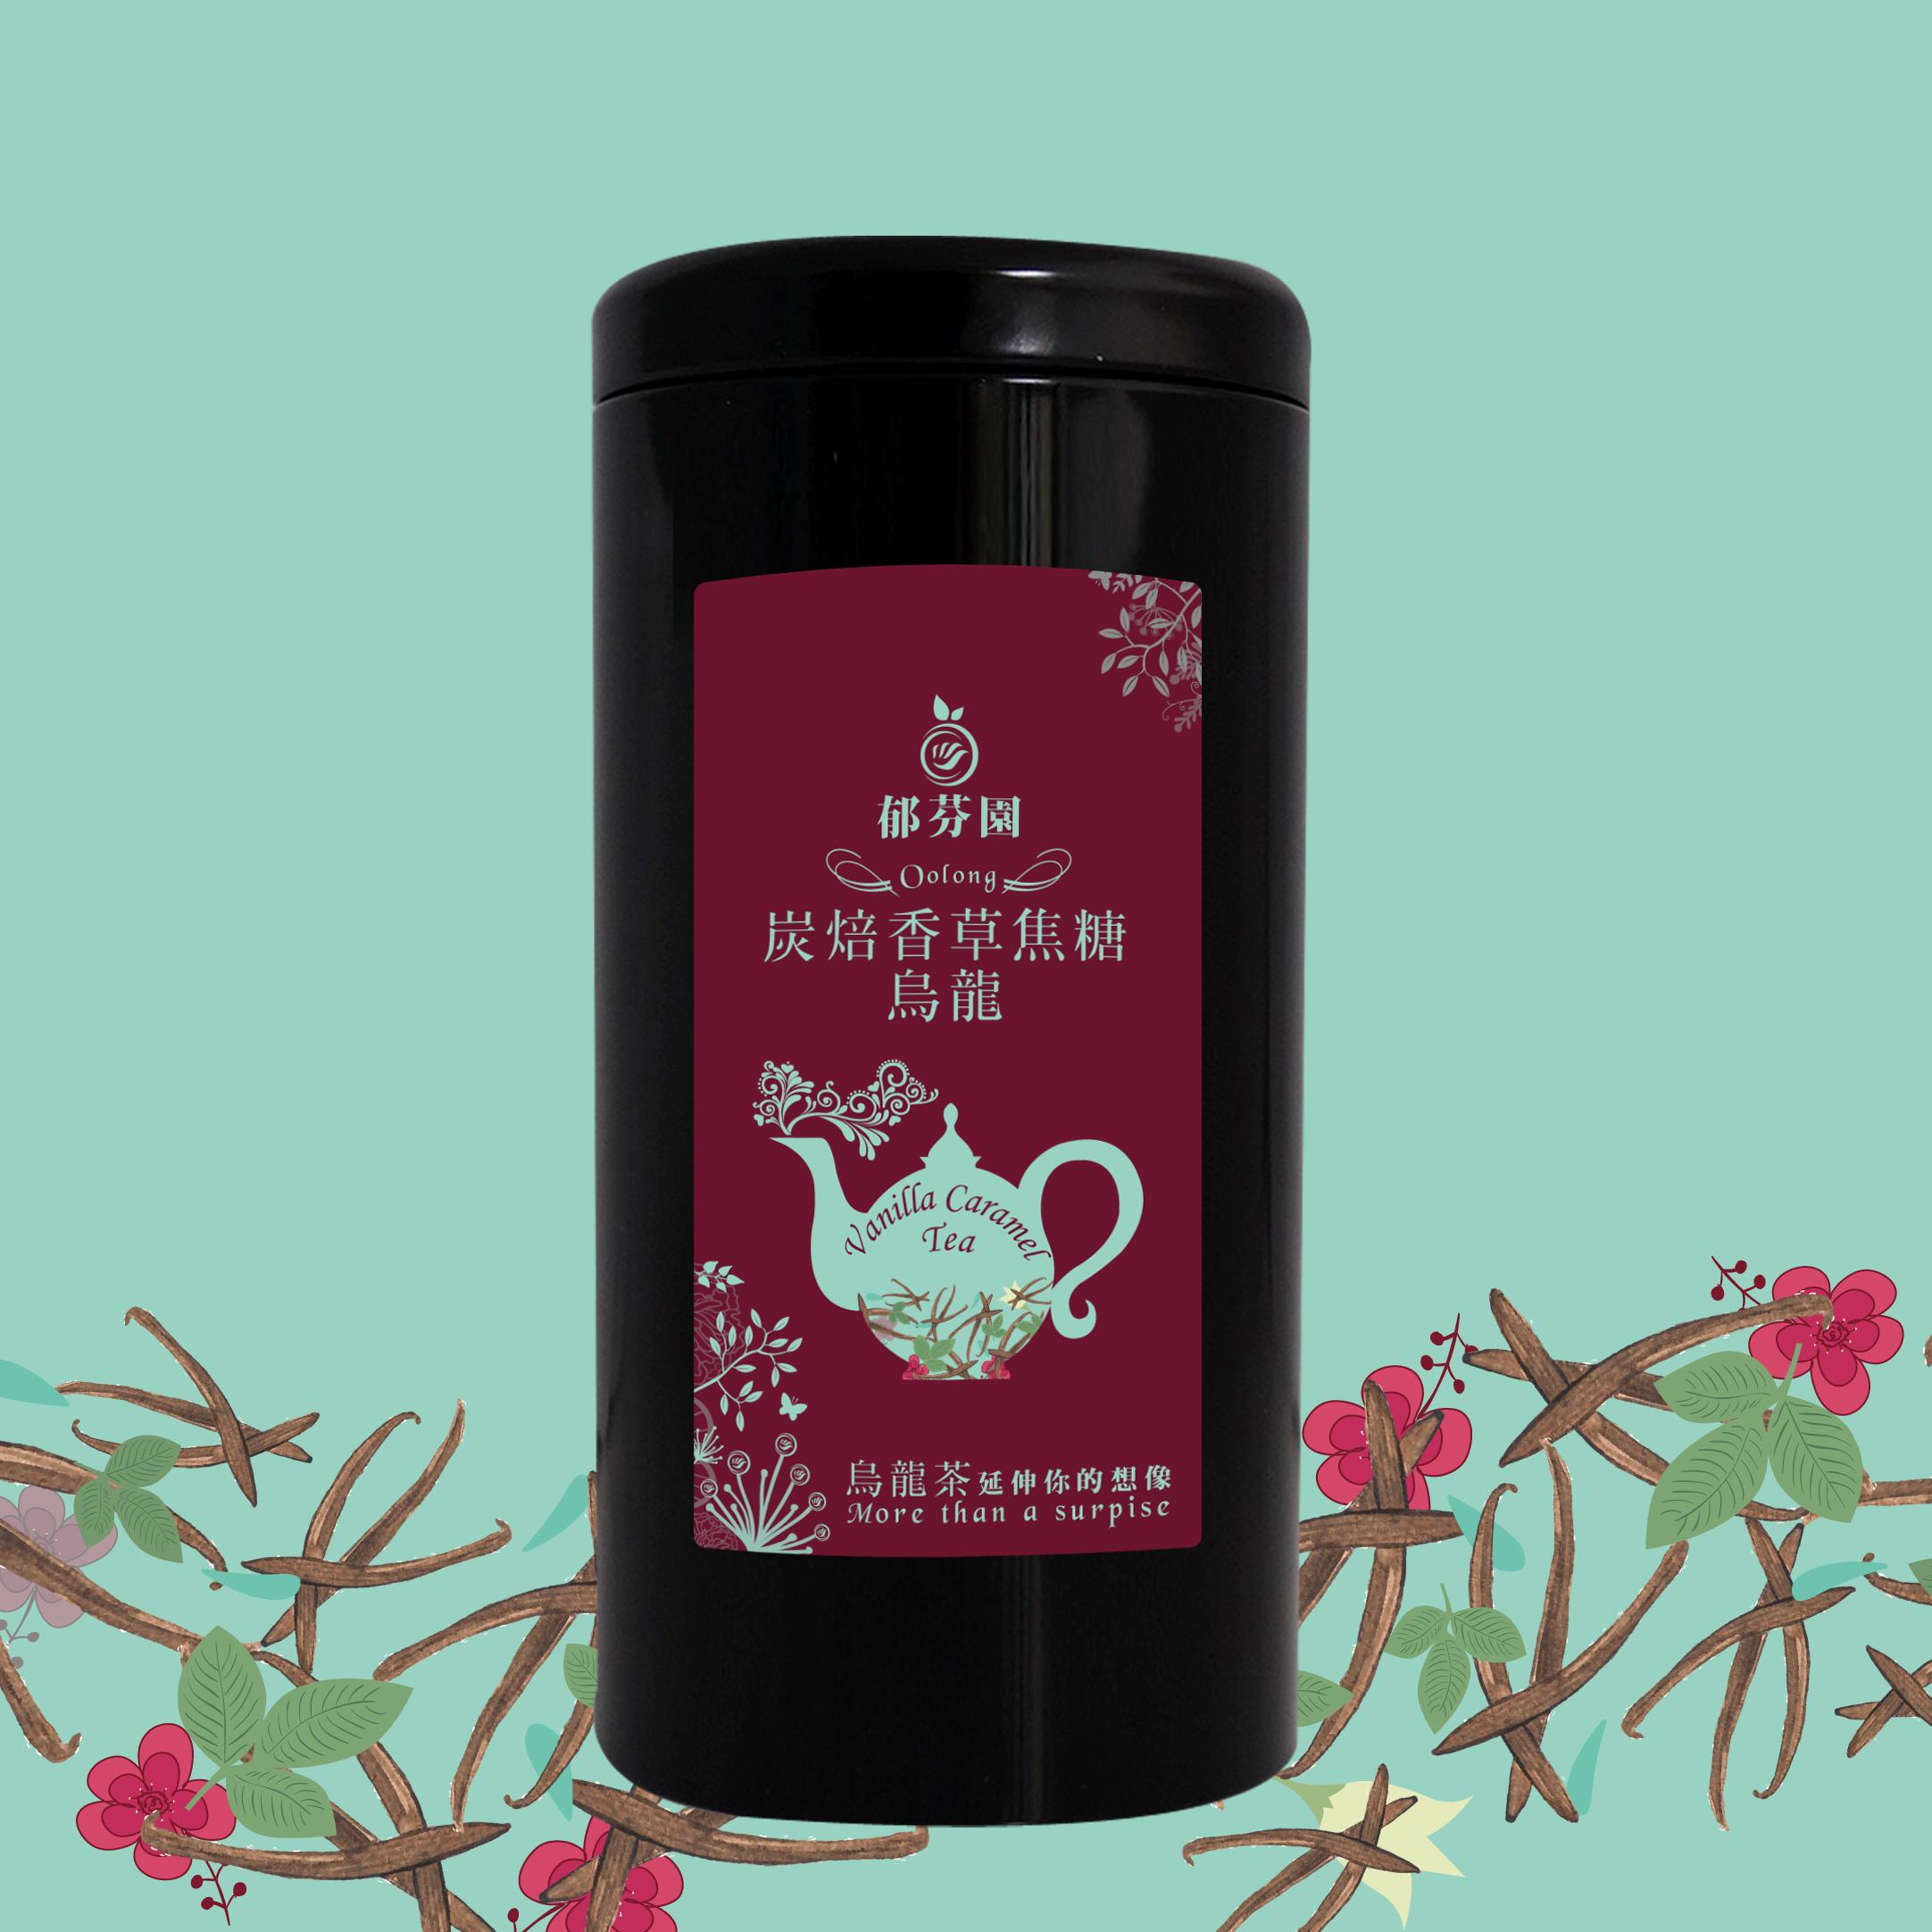 炭焙香草焦糖烏龍 100g/罐 Vanilla Caramel Oolong Tea ----- ★歐式烏龍茶/英式烏龍茶/歐式下午茶/英式下午茶/炭焙茶/香草茶